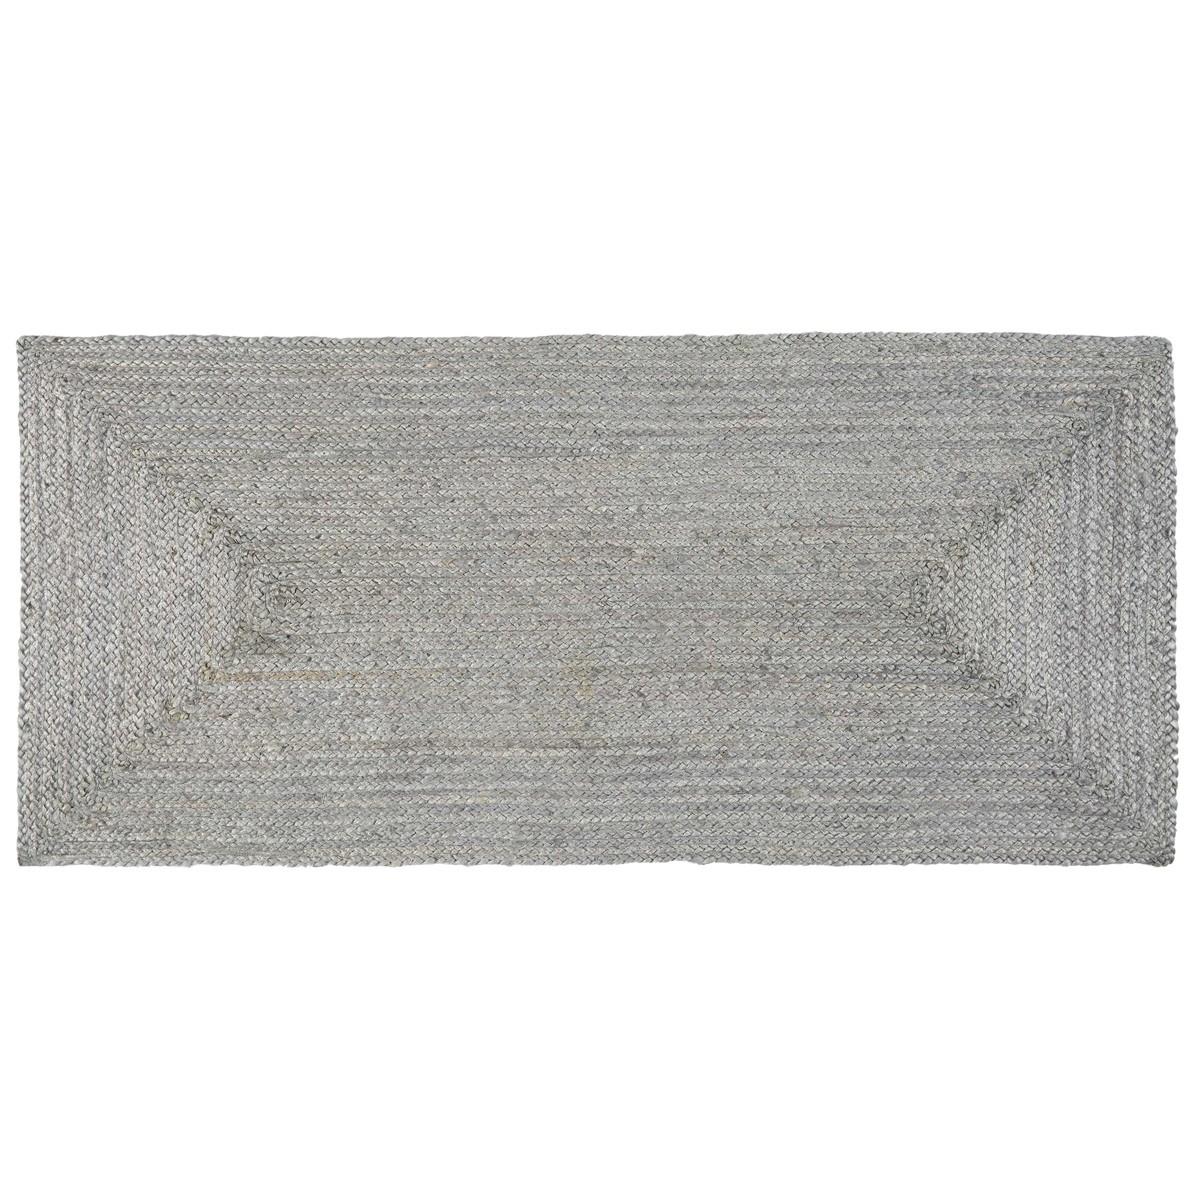 Χαλάκι (60x130) Nima Carpets Idika Grey